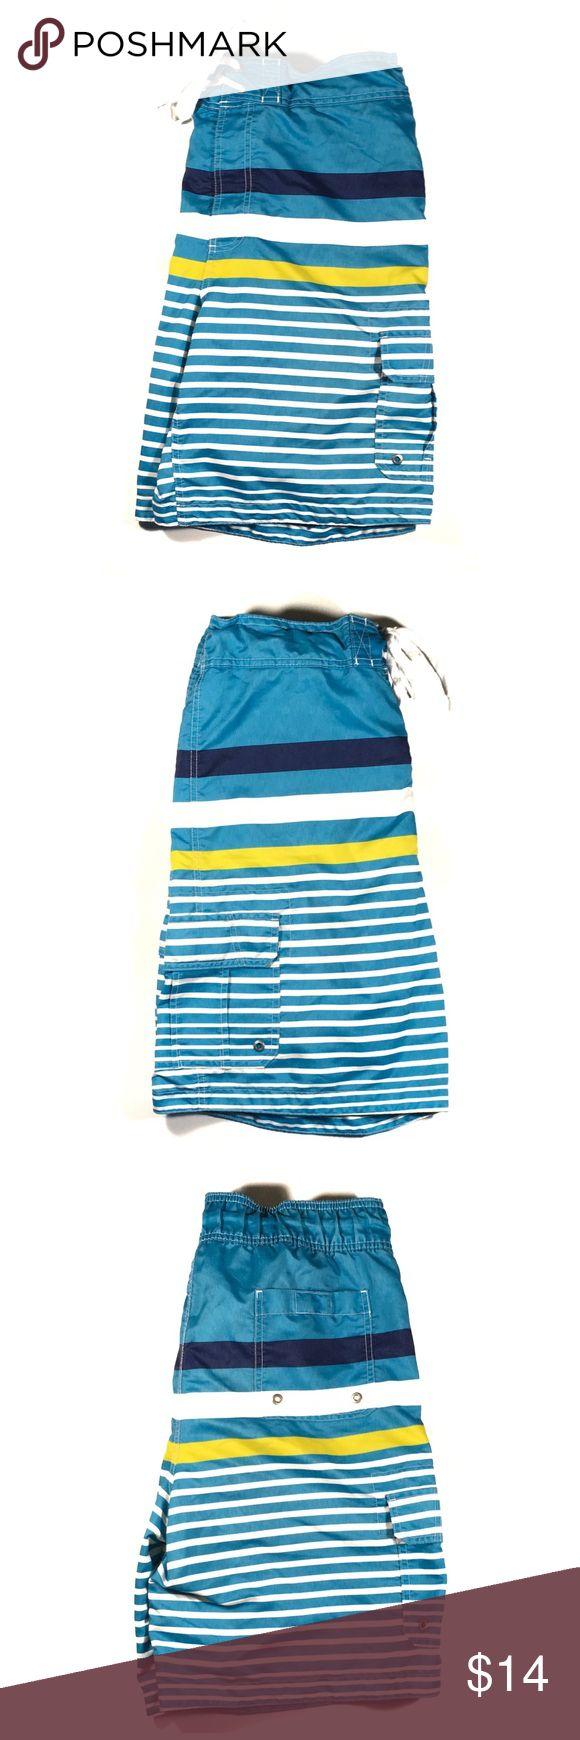 Merona Men's Swim Trunks Men's swim shorts with cargo pockets. Velcro/tie waist. They have the netting in them. Merona Swim Swim Trunks